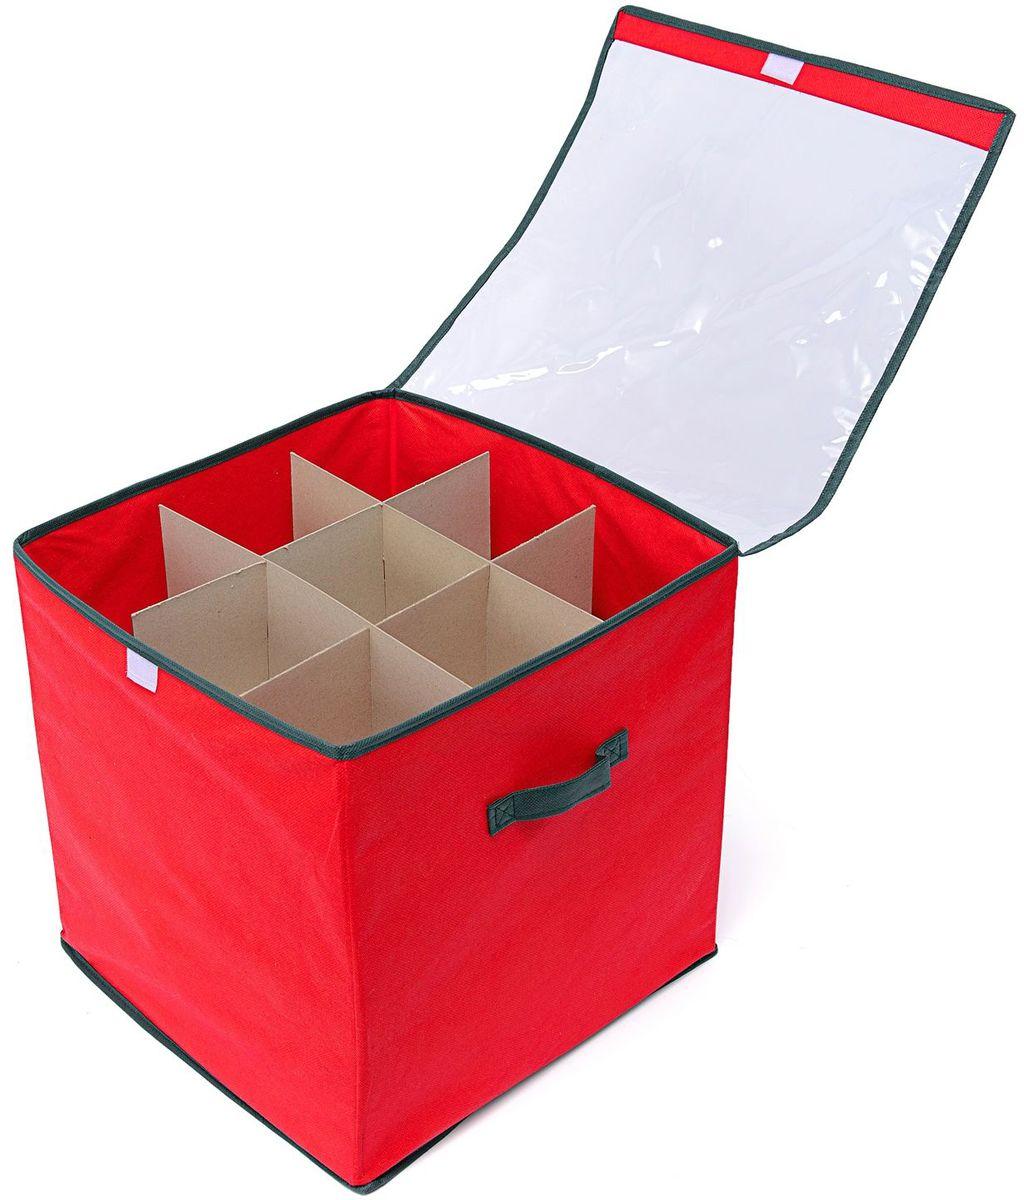 Коробка для хранения с делениями Homsu New Year, 30х40х25 см, цвет: красныйHOM-733Коробка для хранения Homsu  New Year  изготовлена из спанбонда. Изделие легко и быстро складывается. Коробка снащена делениями из картона, прекрасно подходит для хранения ёлочных шаров и других украшений. Изделие выполнено в традиционной новогодней расцветке.